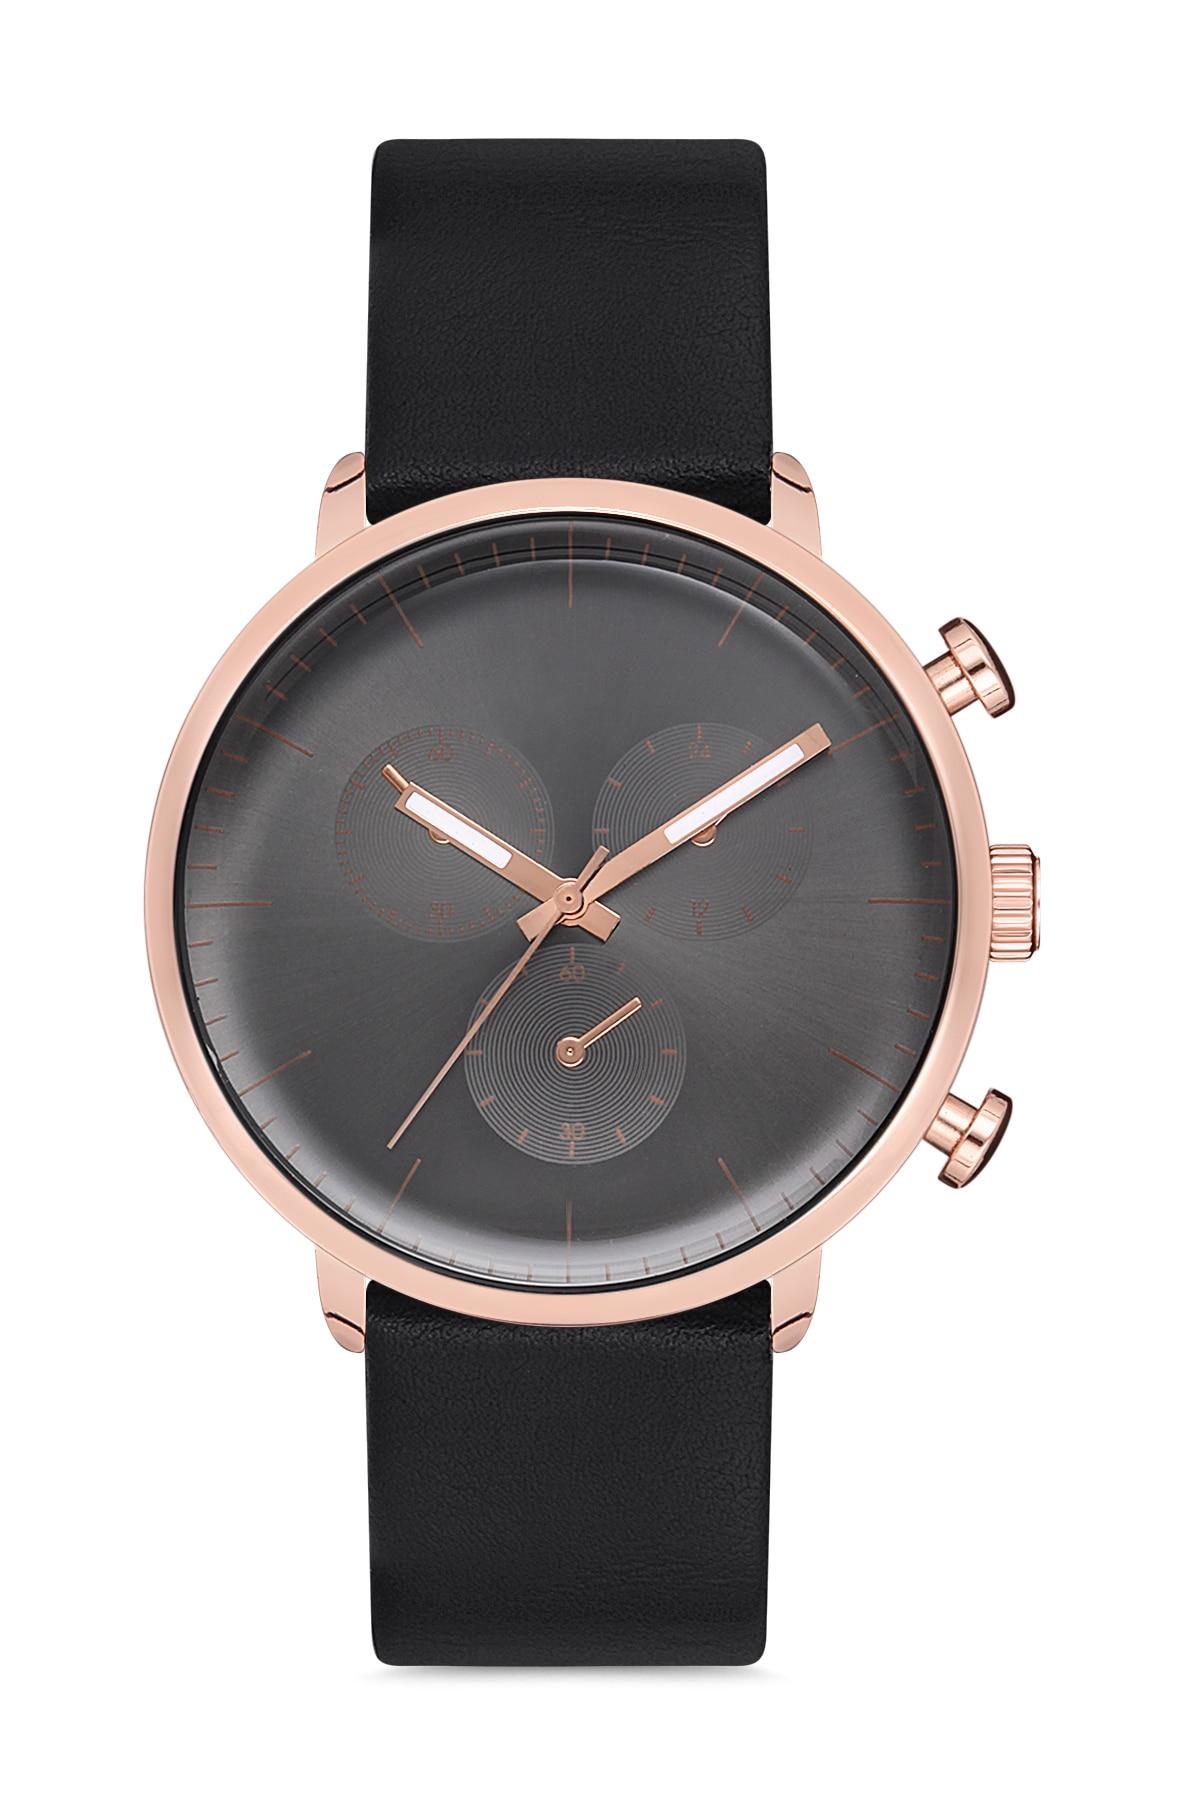 2020 Топ Роскошные брендовые Модные мужские золотые Кожаный ремешок кварцевые наручные часы APWS008405 Aqua di поло 1987